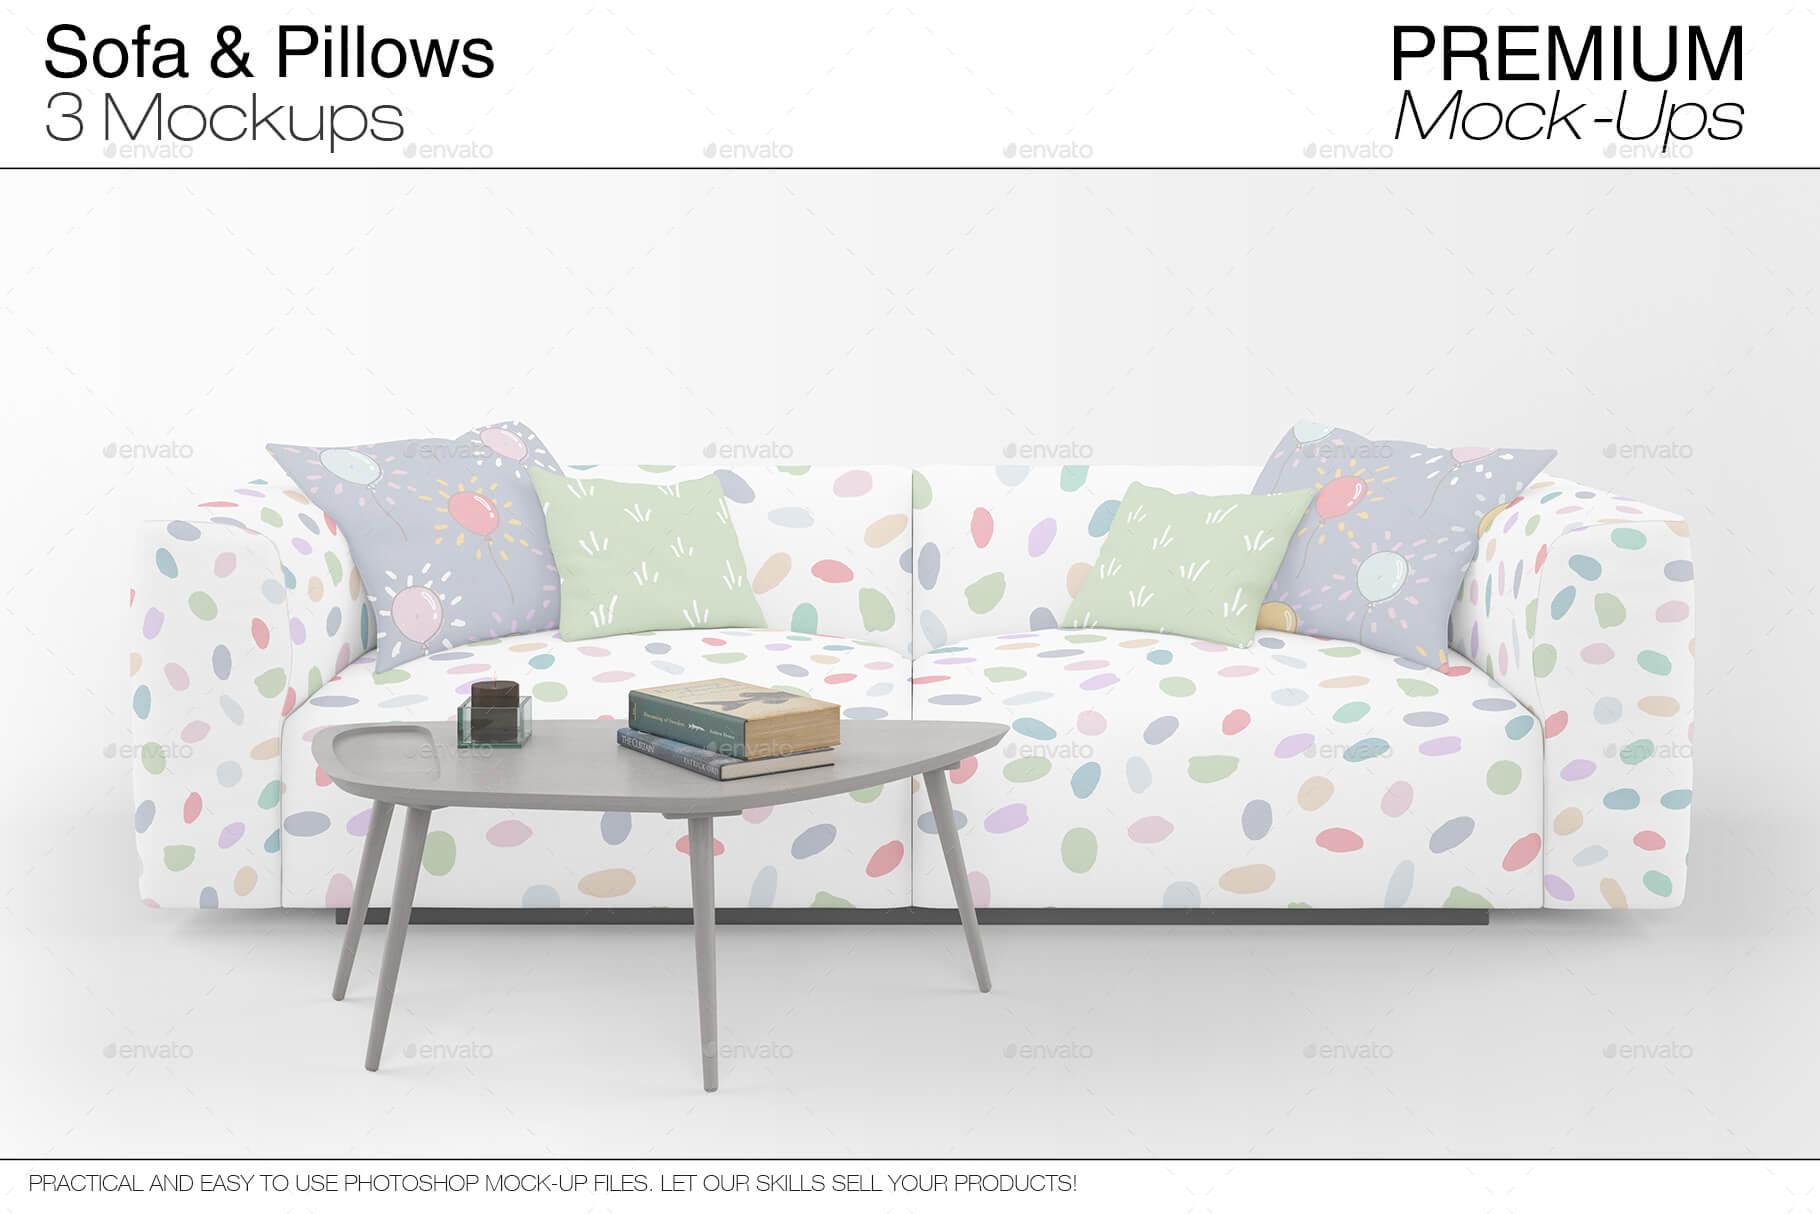 Sofa & Pillows Mockup Pack (1)